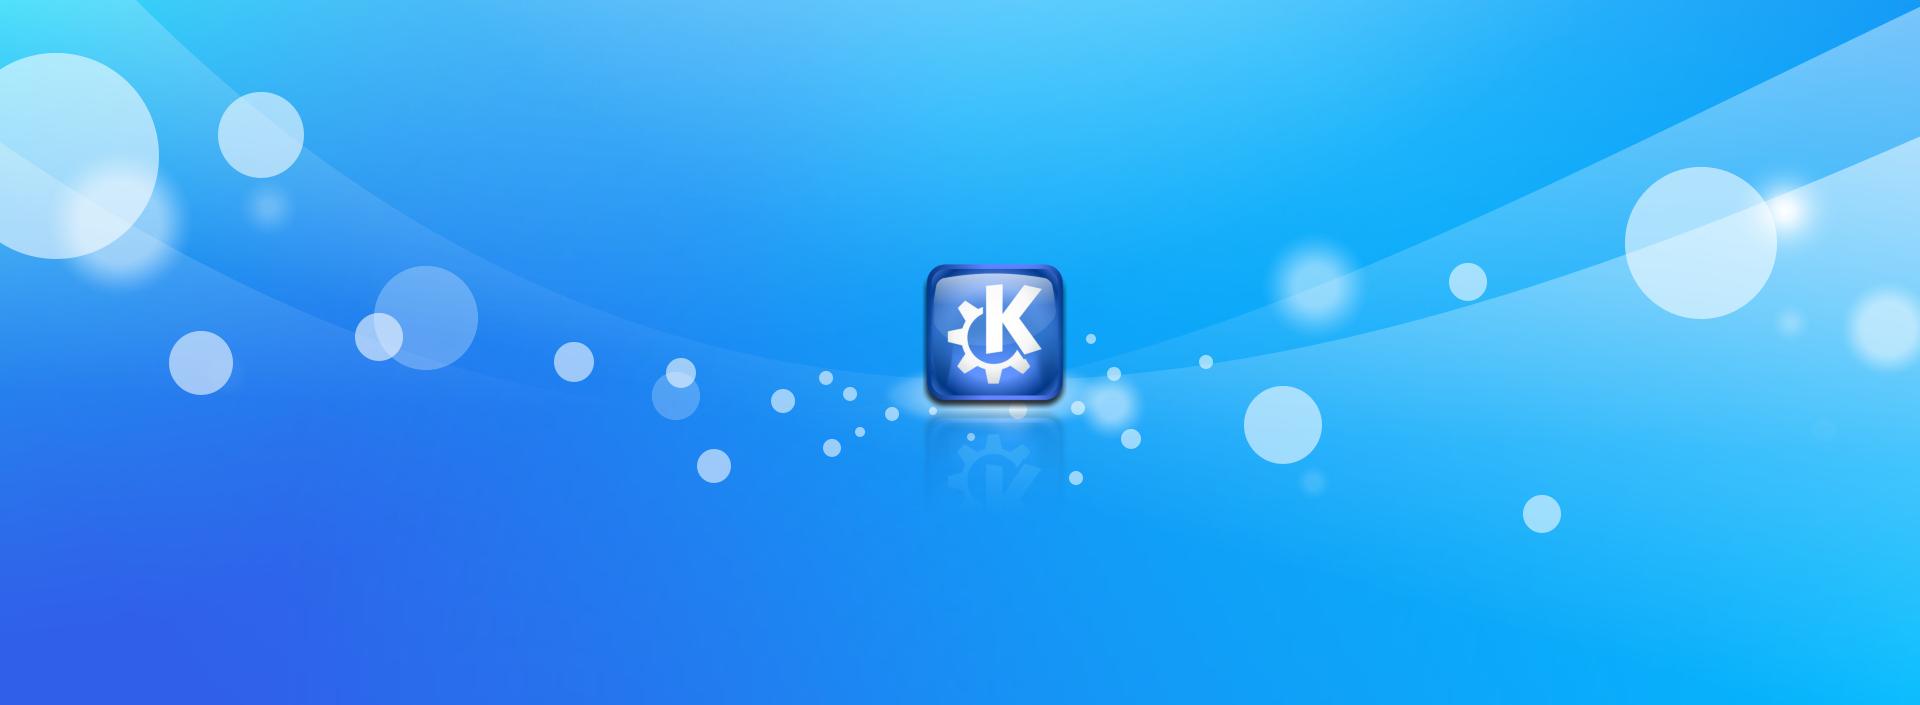 Ubuntu 14.04 වලට KDE දාමු